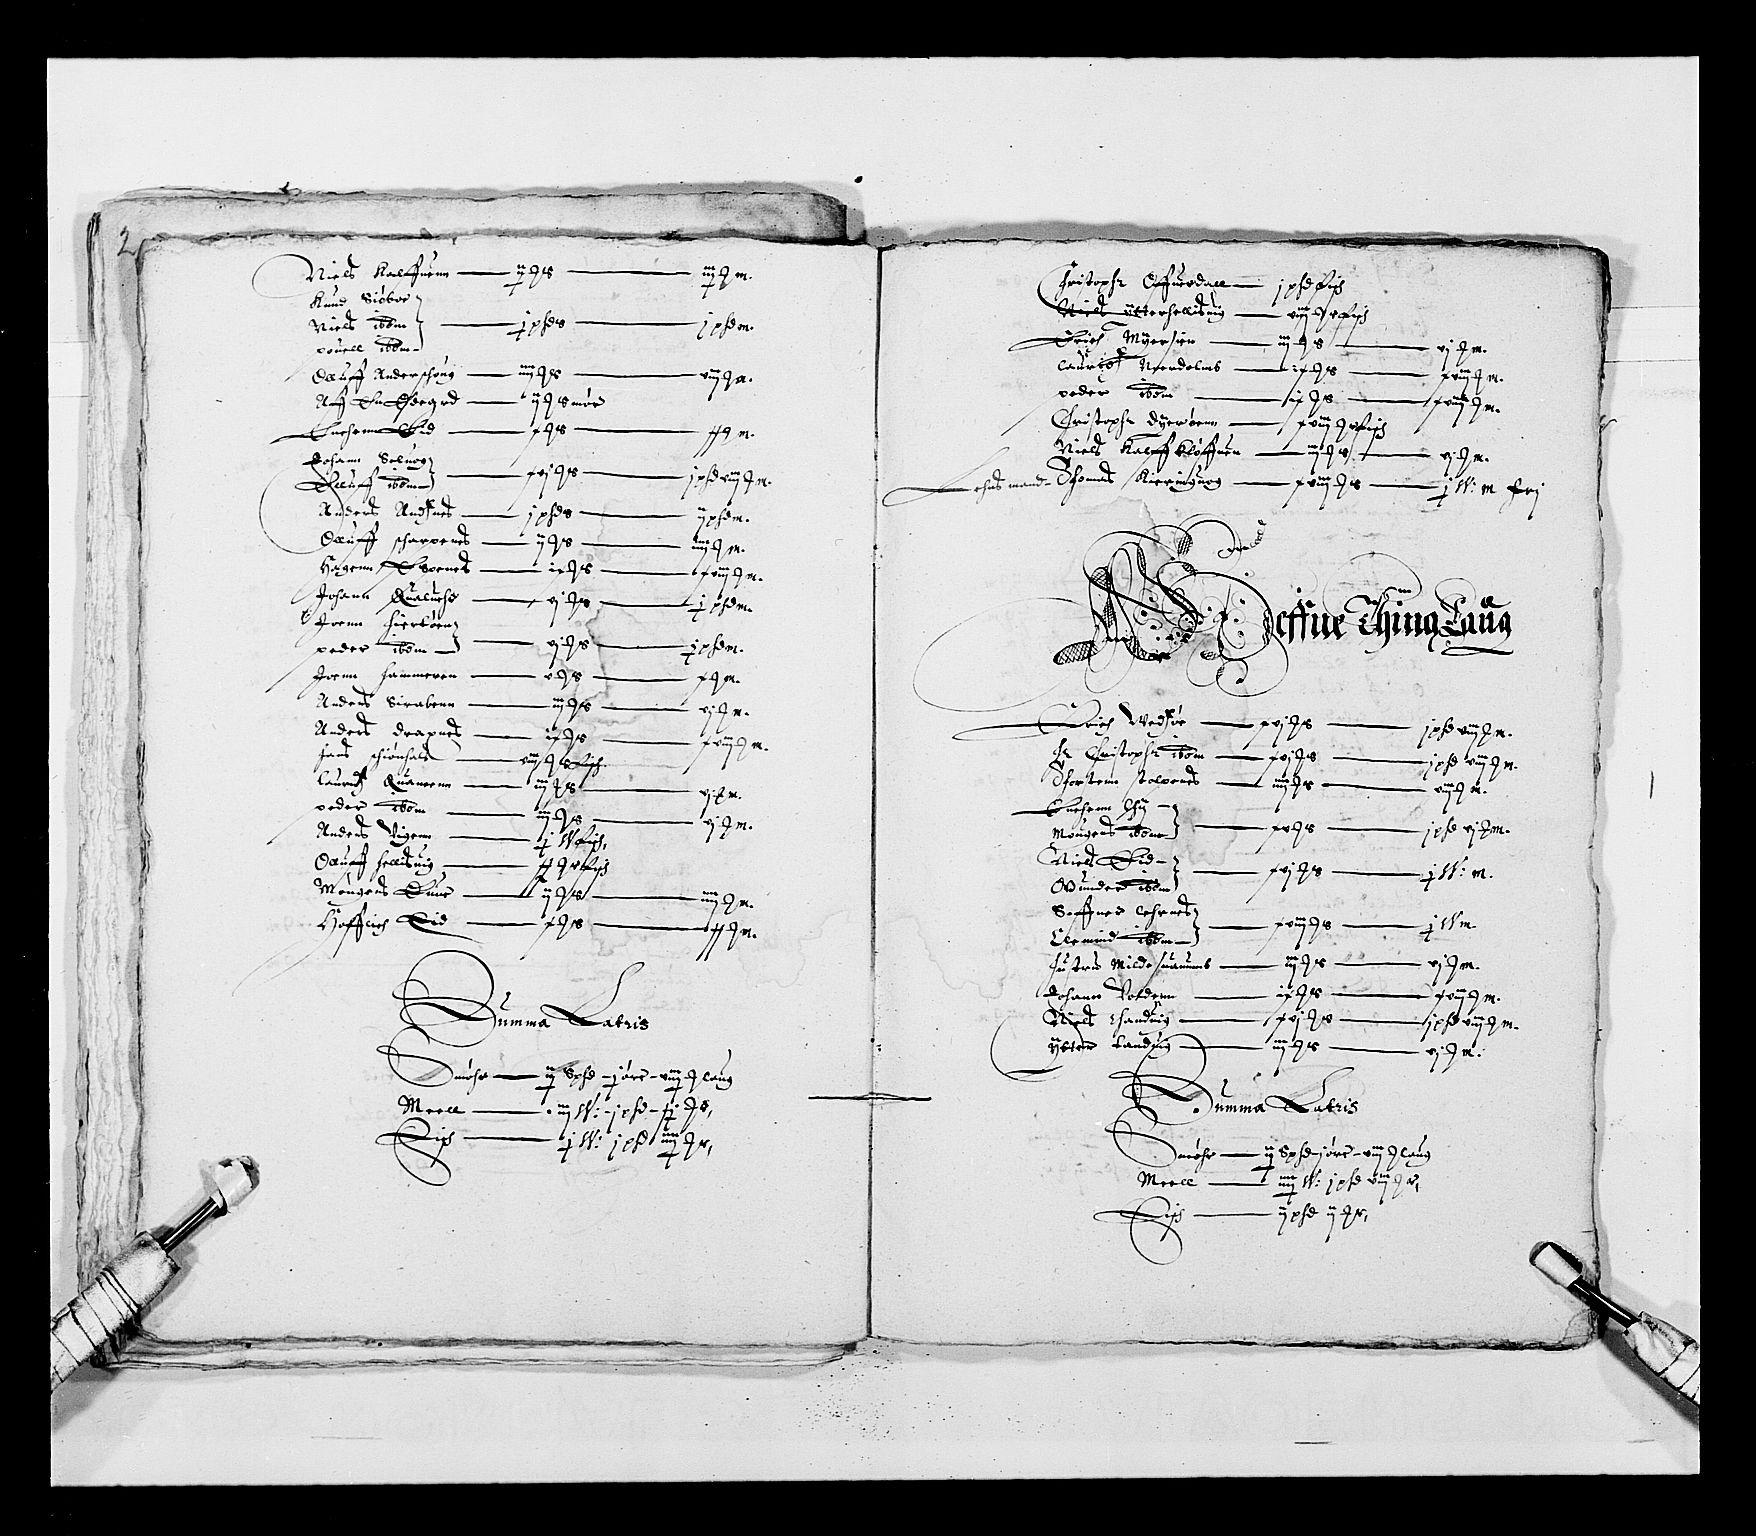 RA, Stattholderembetet 1572-1771, Ek/L0028: Jordebøker 1633-1658:, 1645-1646, s. 63